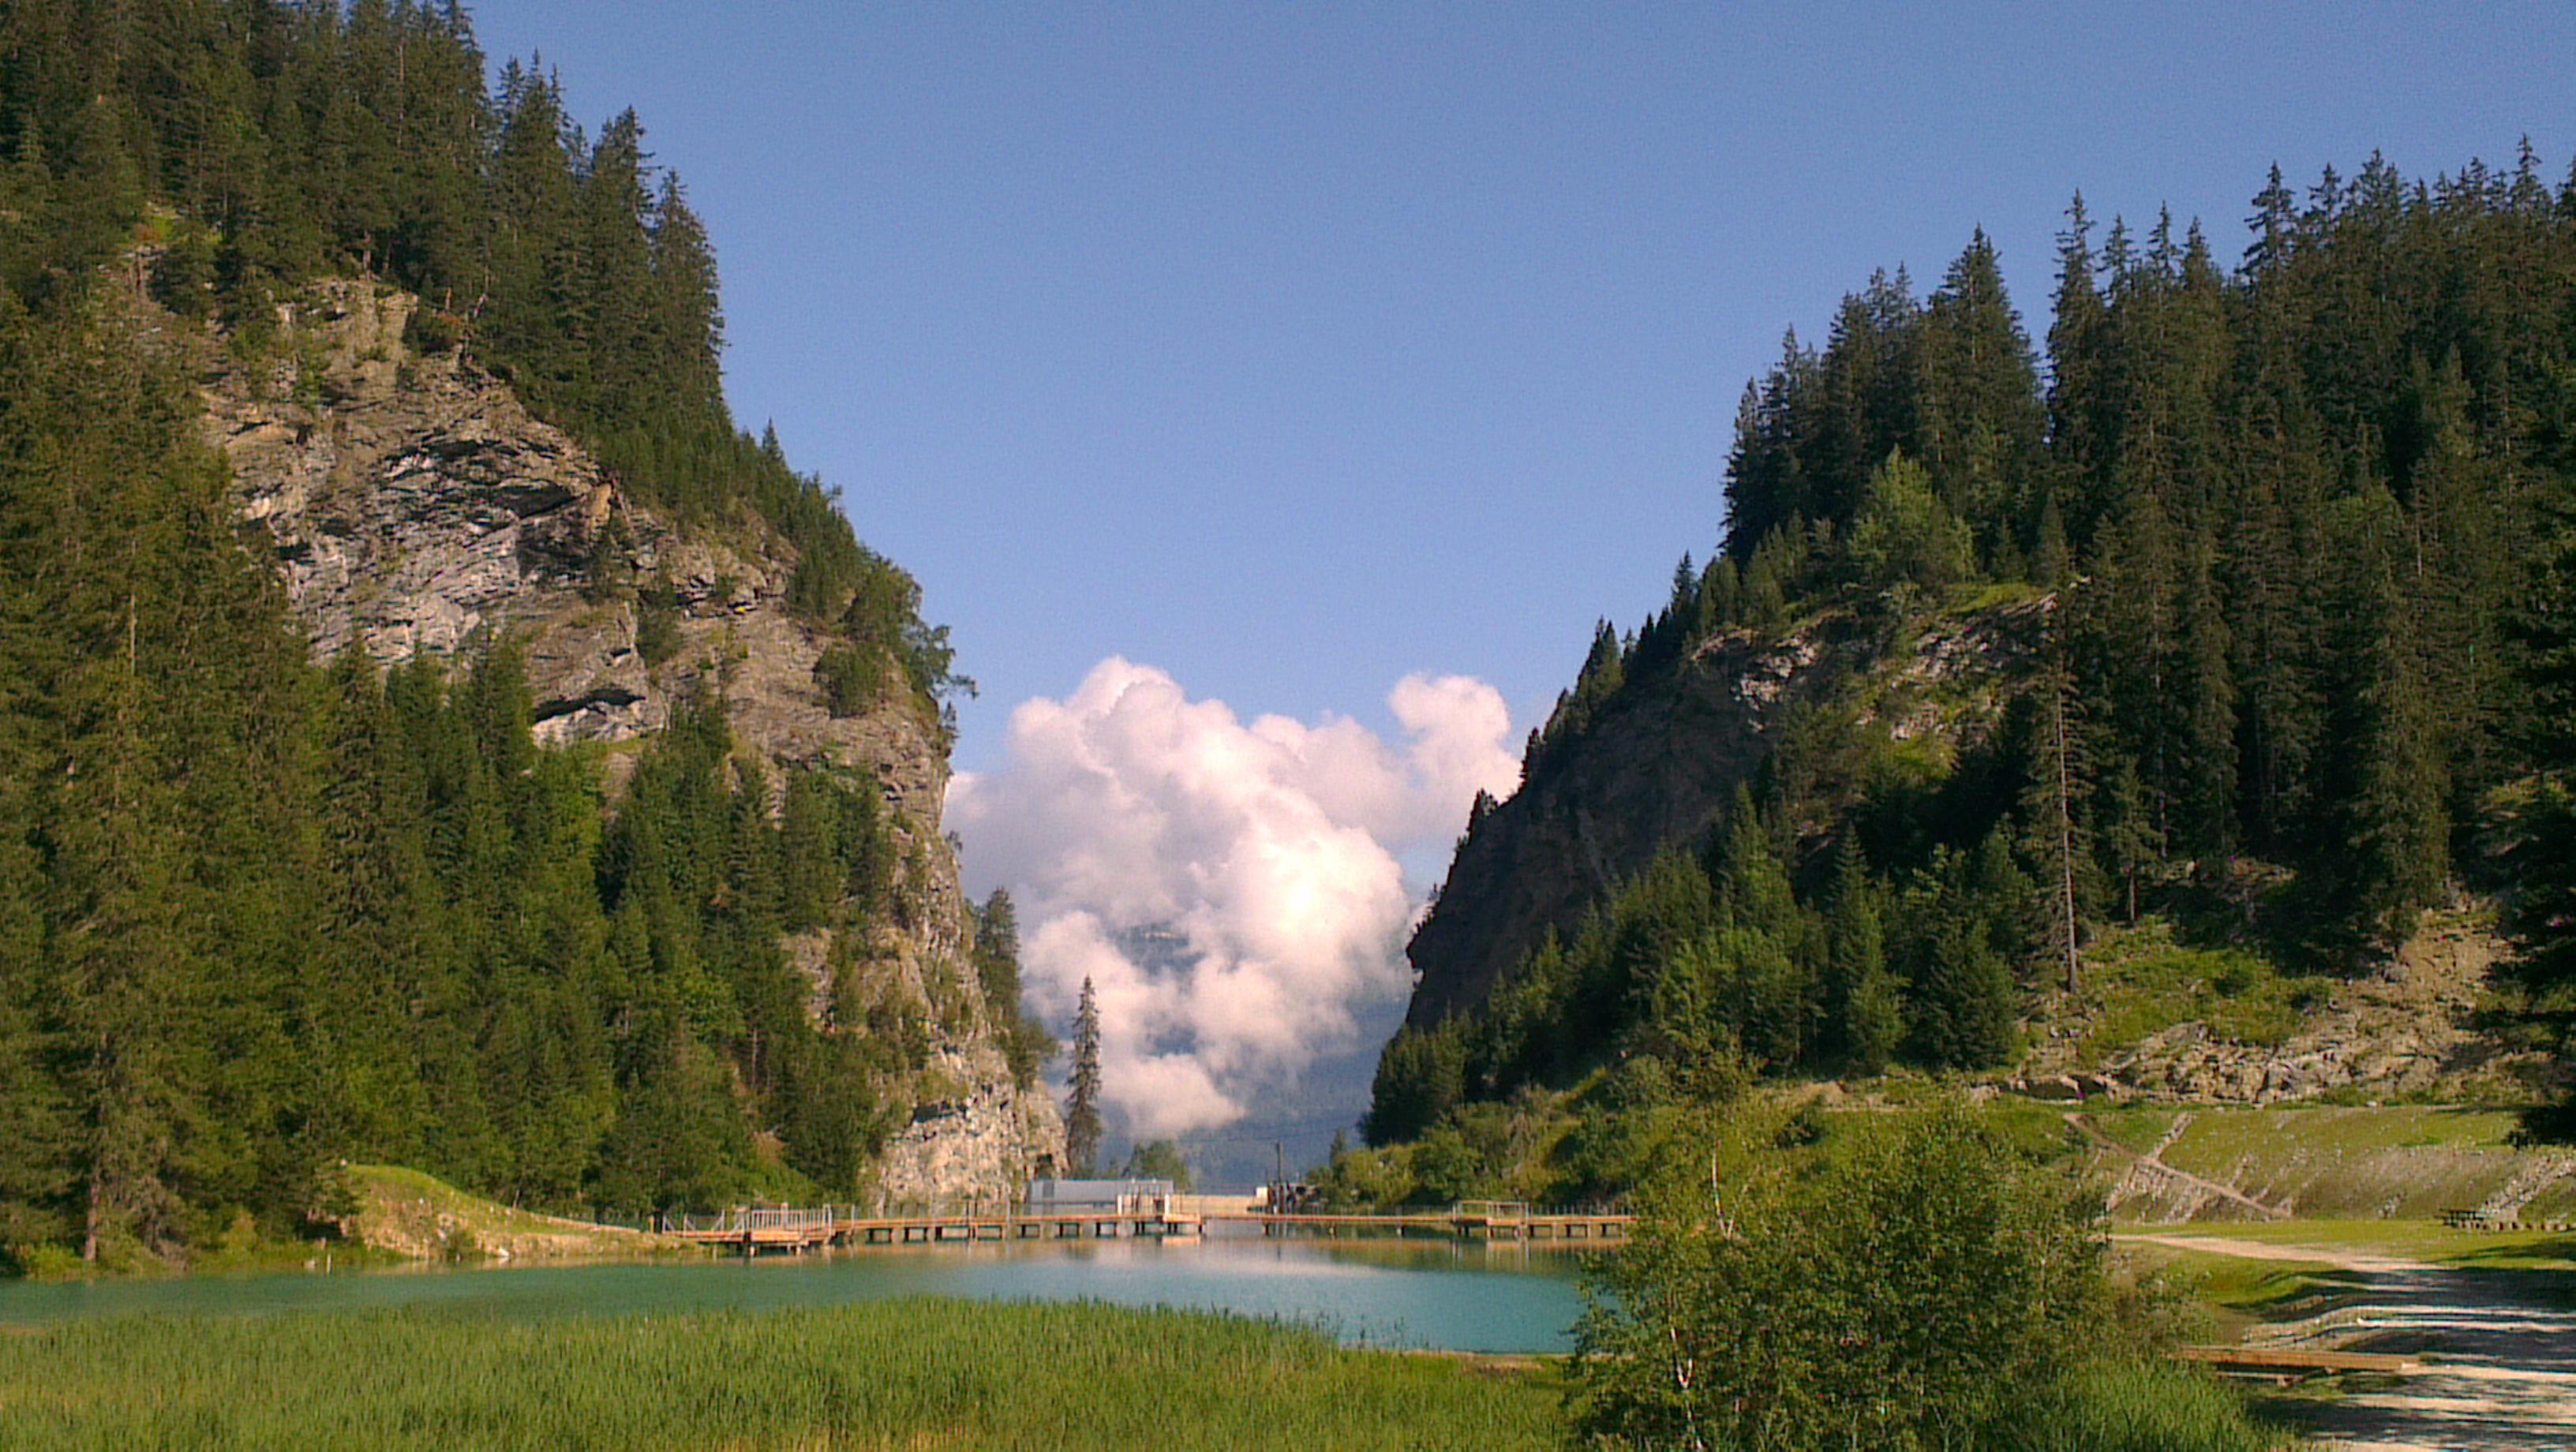 ciel bleu chemin raide et lac froid donne une hygiène de vie irréprochable pour sont corps l'oxygène les randonnées encordés à piolet pour une belle vue sur les sommets